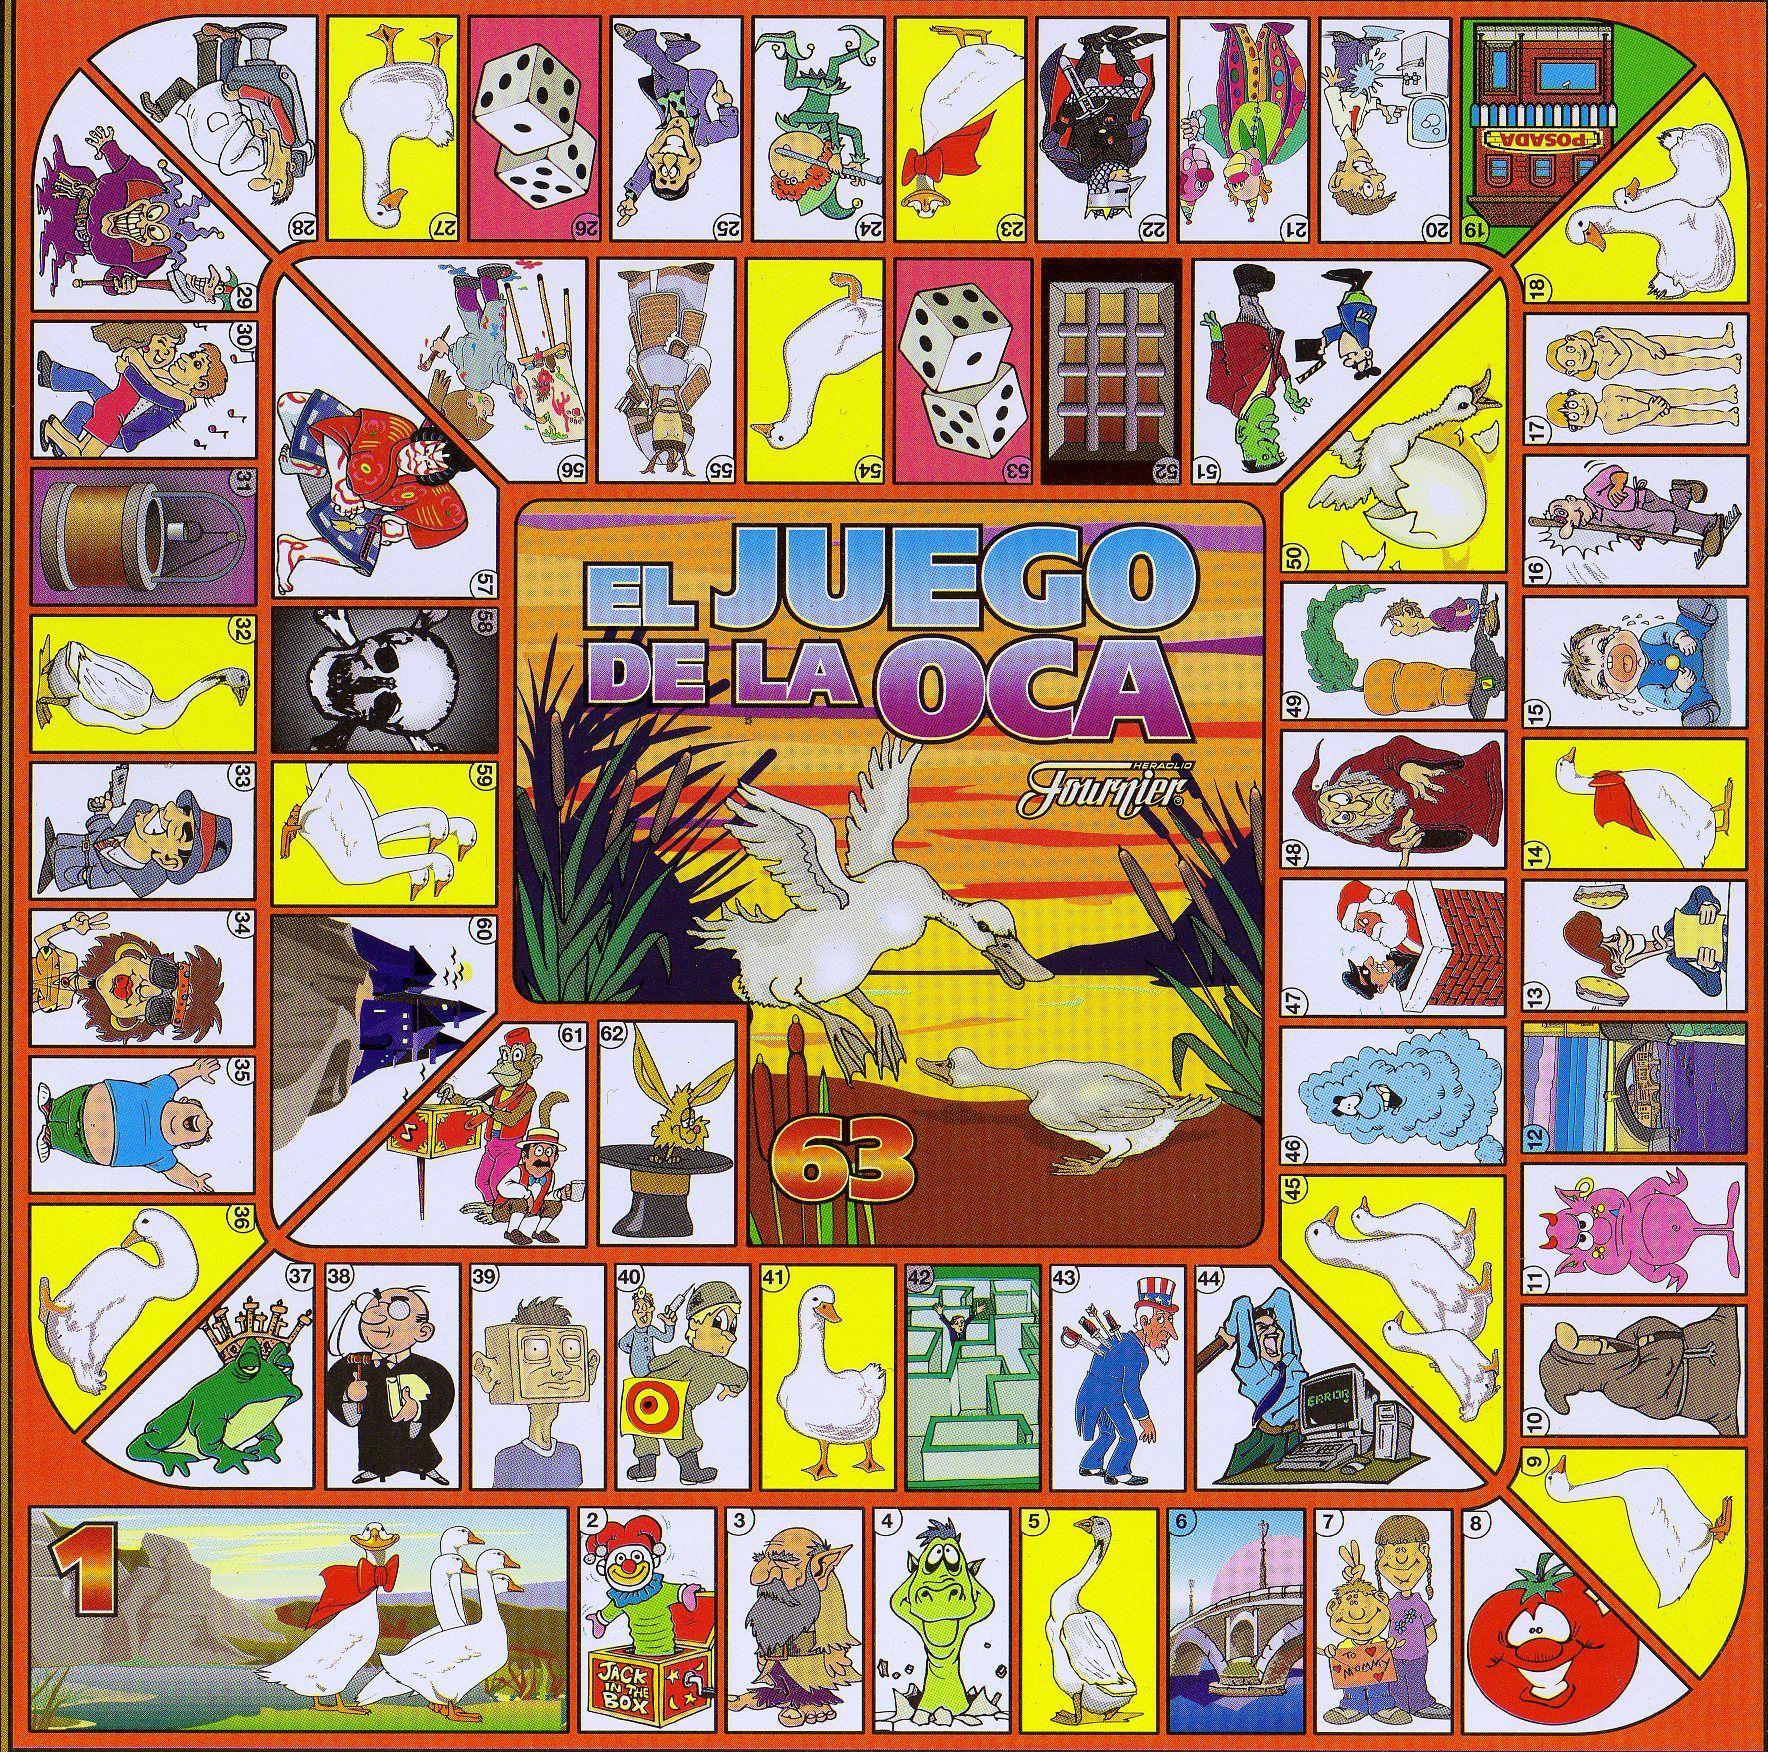 Juego De La Oca Clásico Juegos De Tablero Juegos Juegos De Mesa